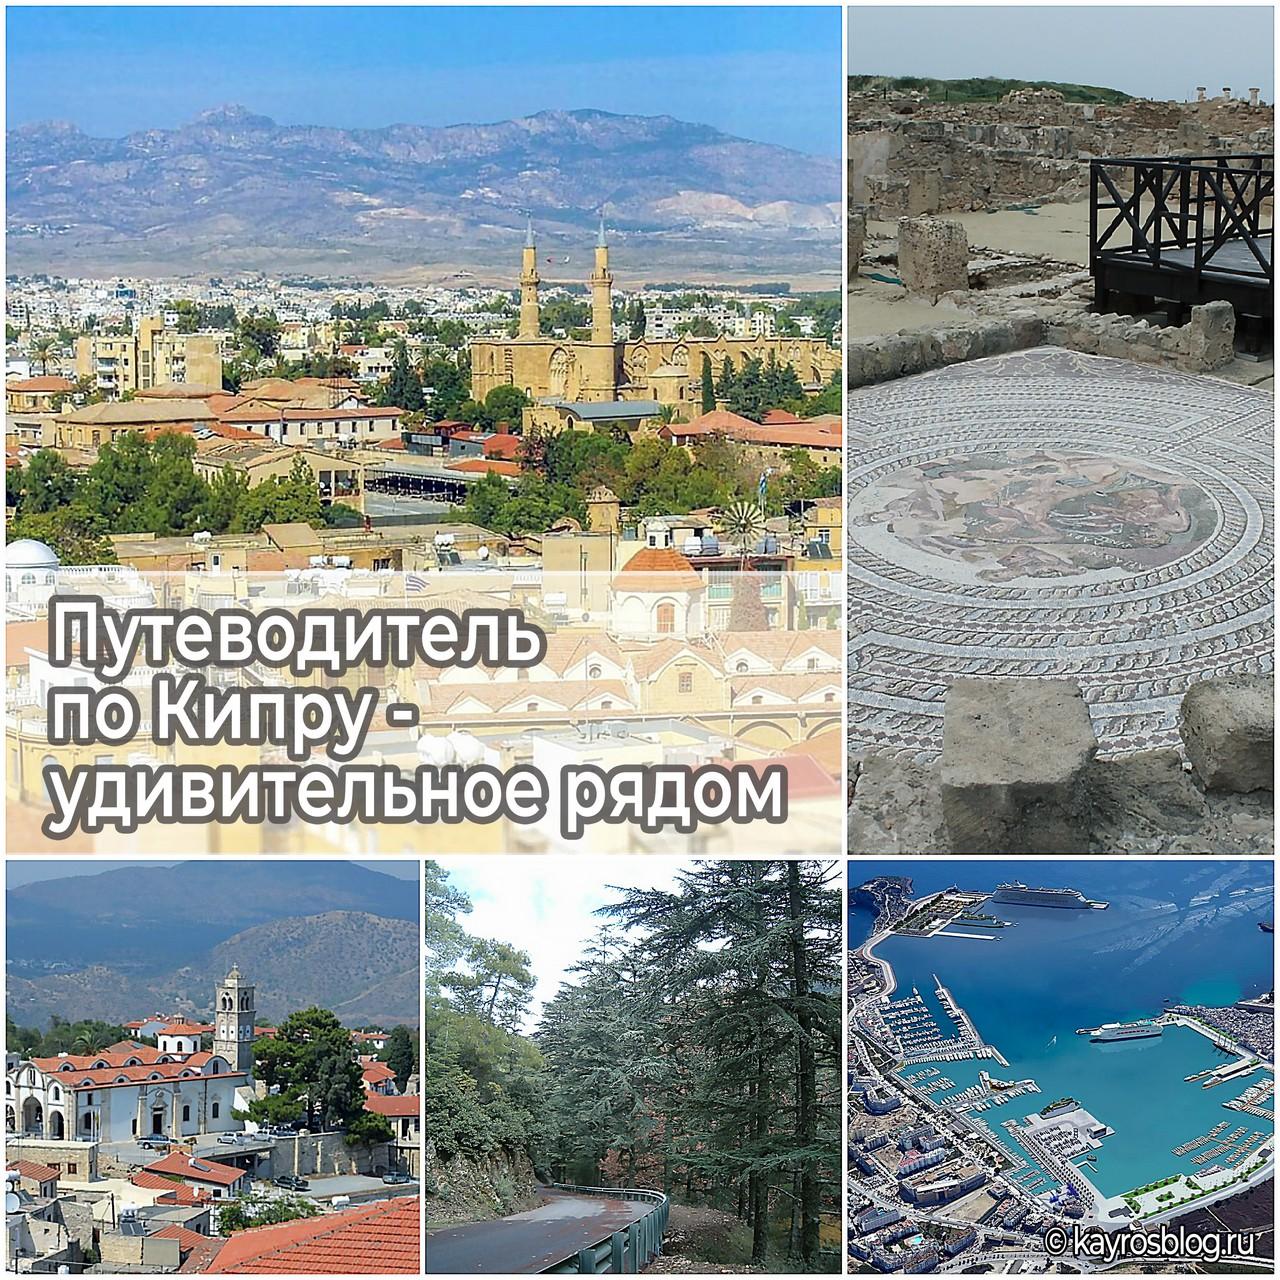 Путеводитель по Кипру - удивительное рядом